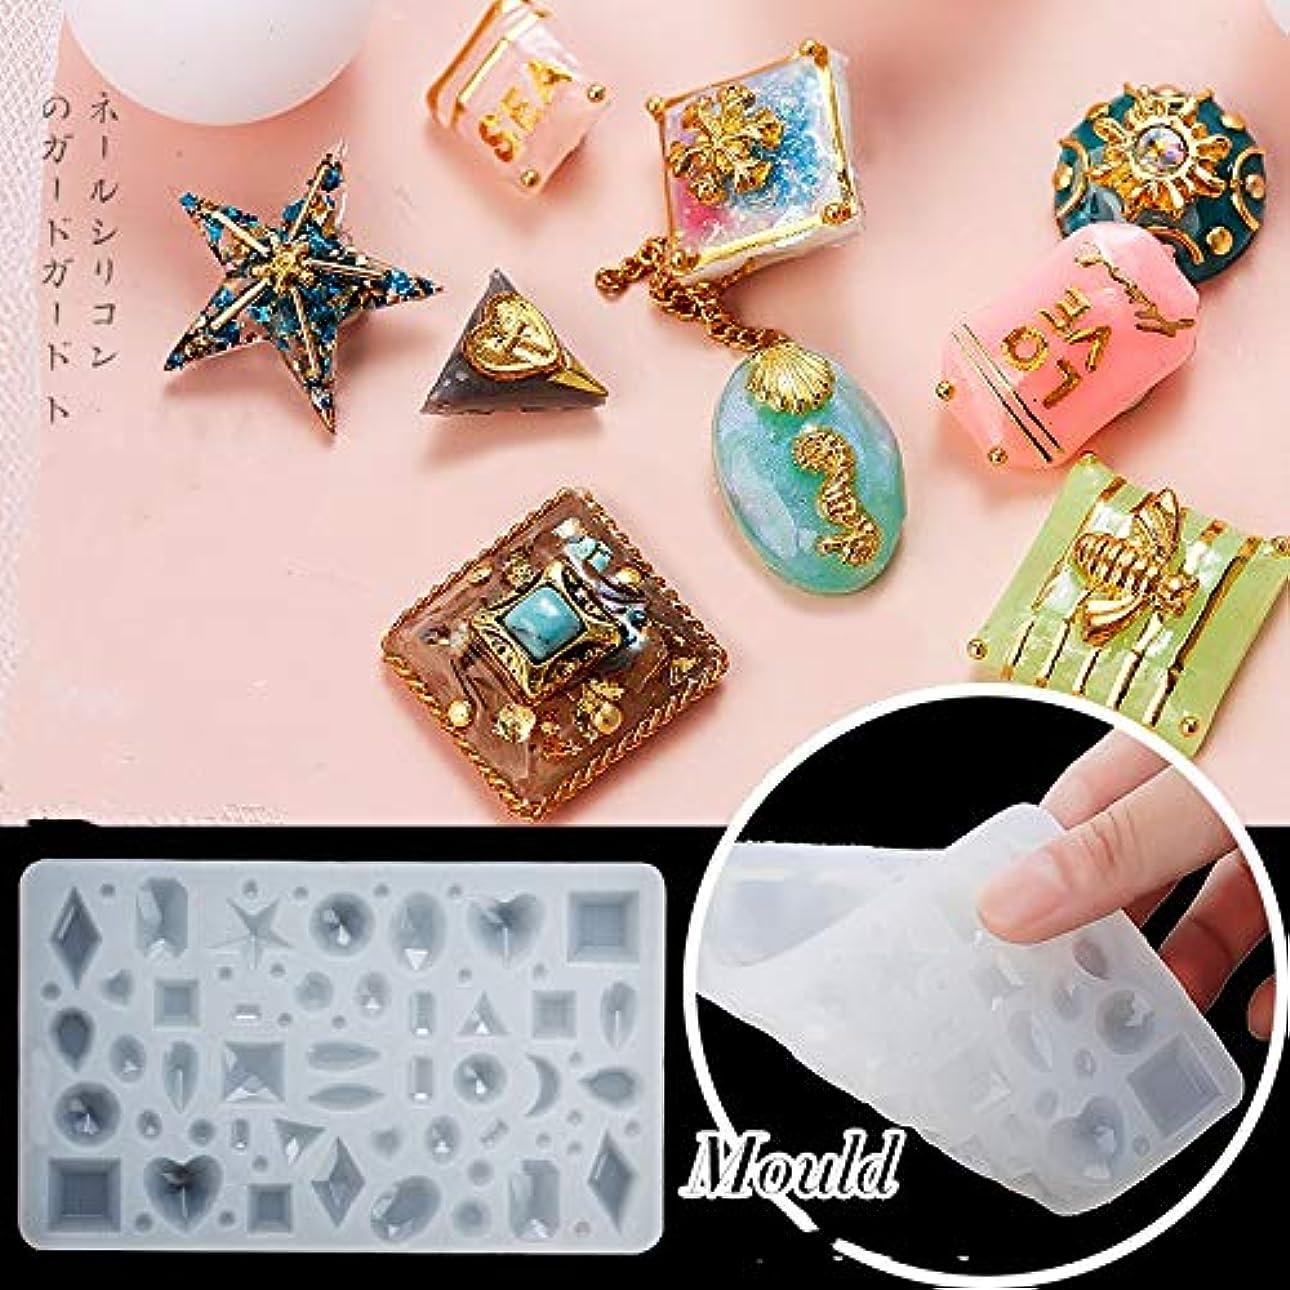 差し迫った洞察力のある商人3Dシリコンモールド   ダイヤモンド  ハート型フラワーガーデン  UVレジン ネイルパーツ ジェル ネイル セット  アクセサリー パーツ 作成 (C)